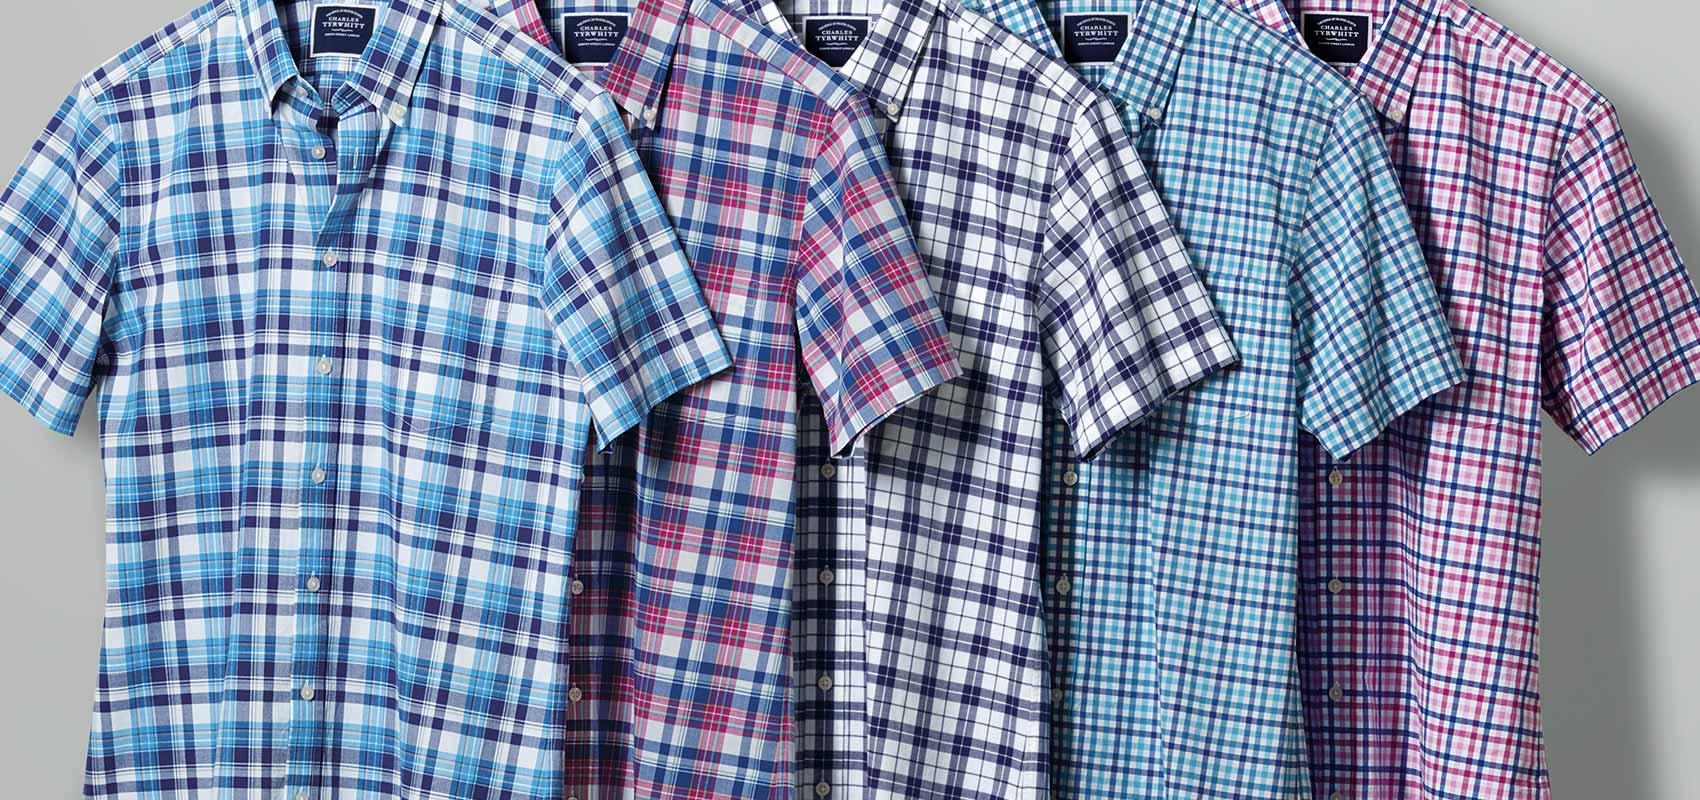 Charles Tyrwhitt short sleeve shirts